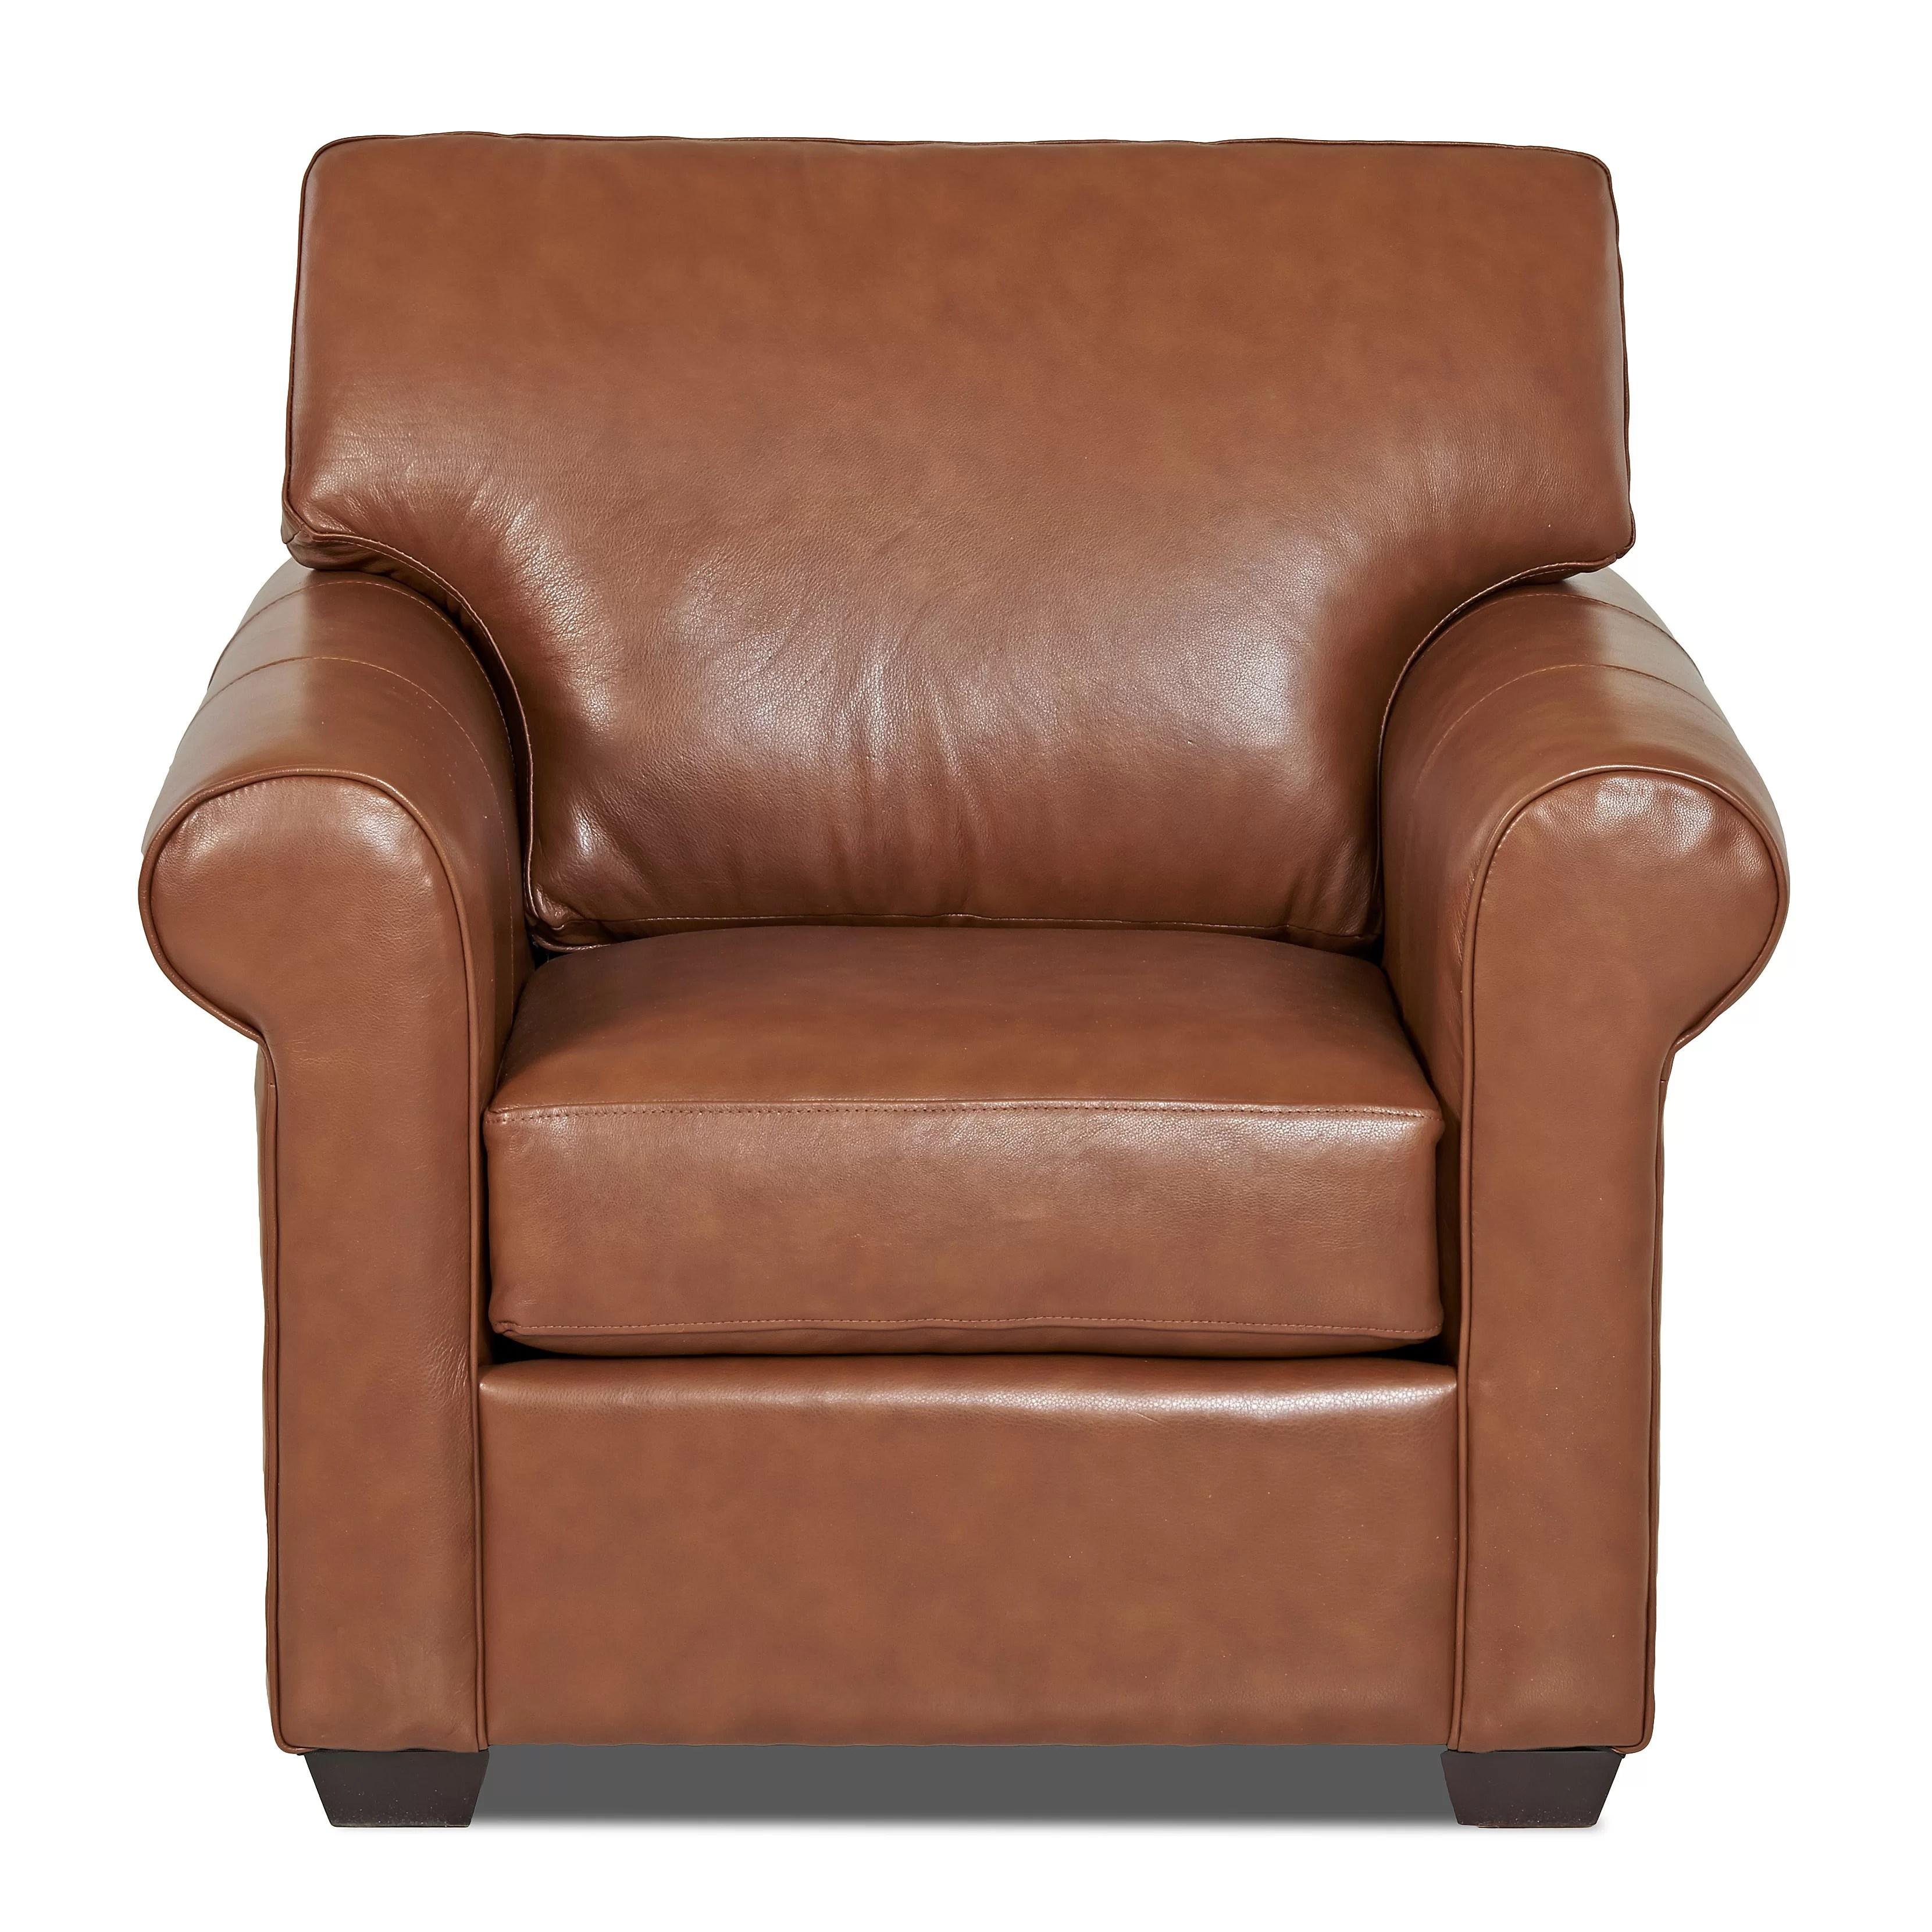 Wayfair Chairs